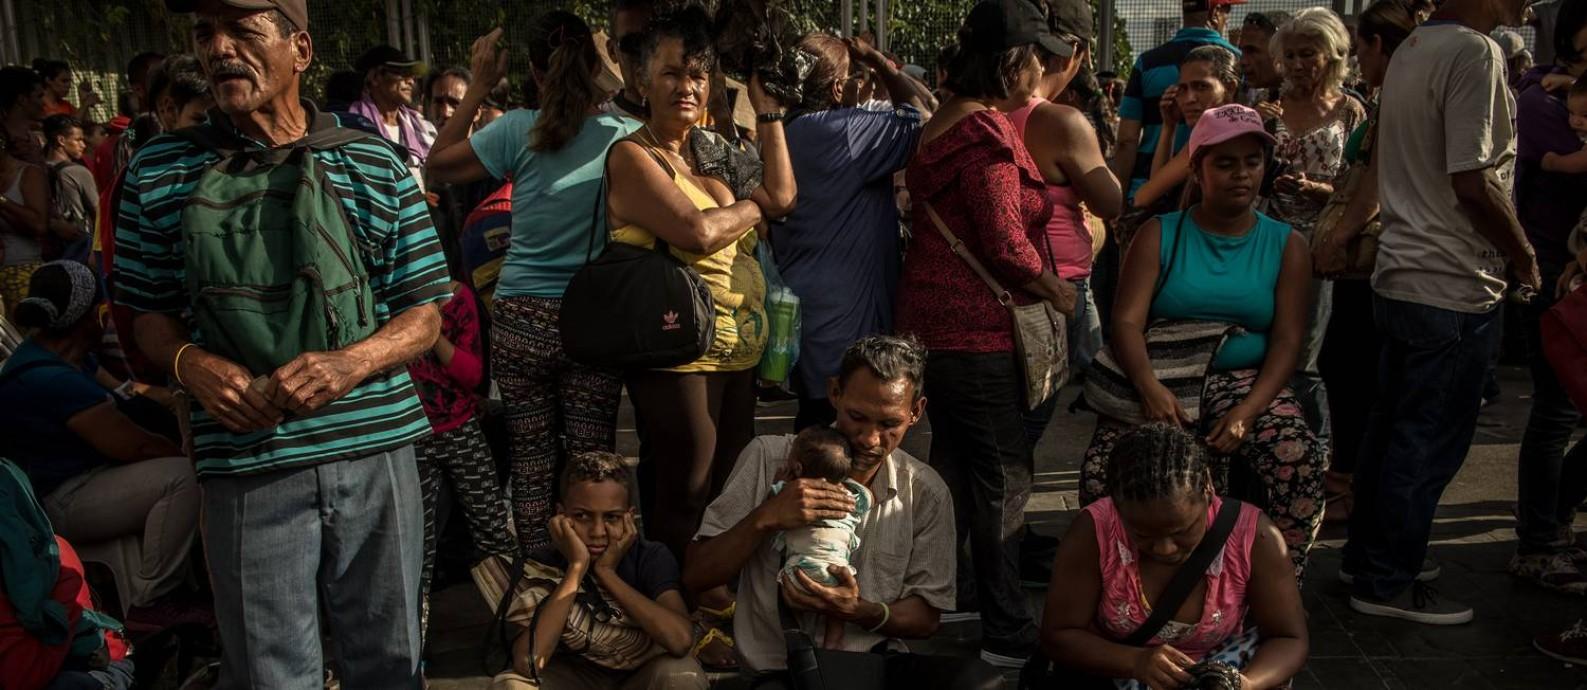 Venezuelanos aguardam por refeições dadas pelo governo na cidade de Caracas, em maio de 2018 Foto: Meridith Kohut / New York Times